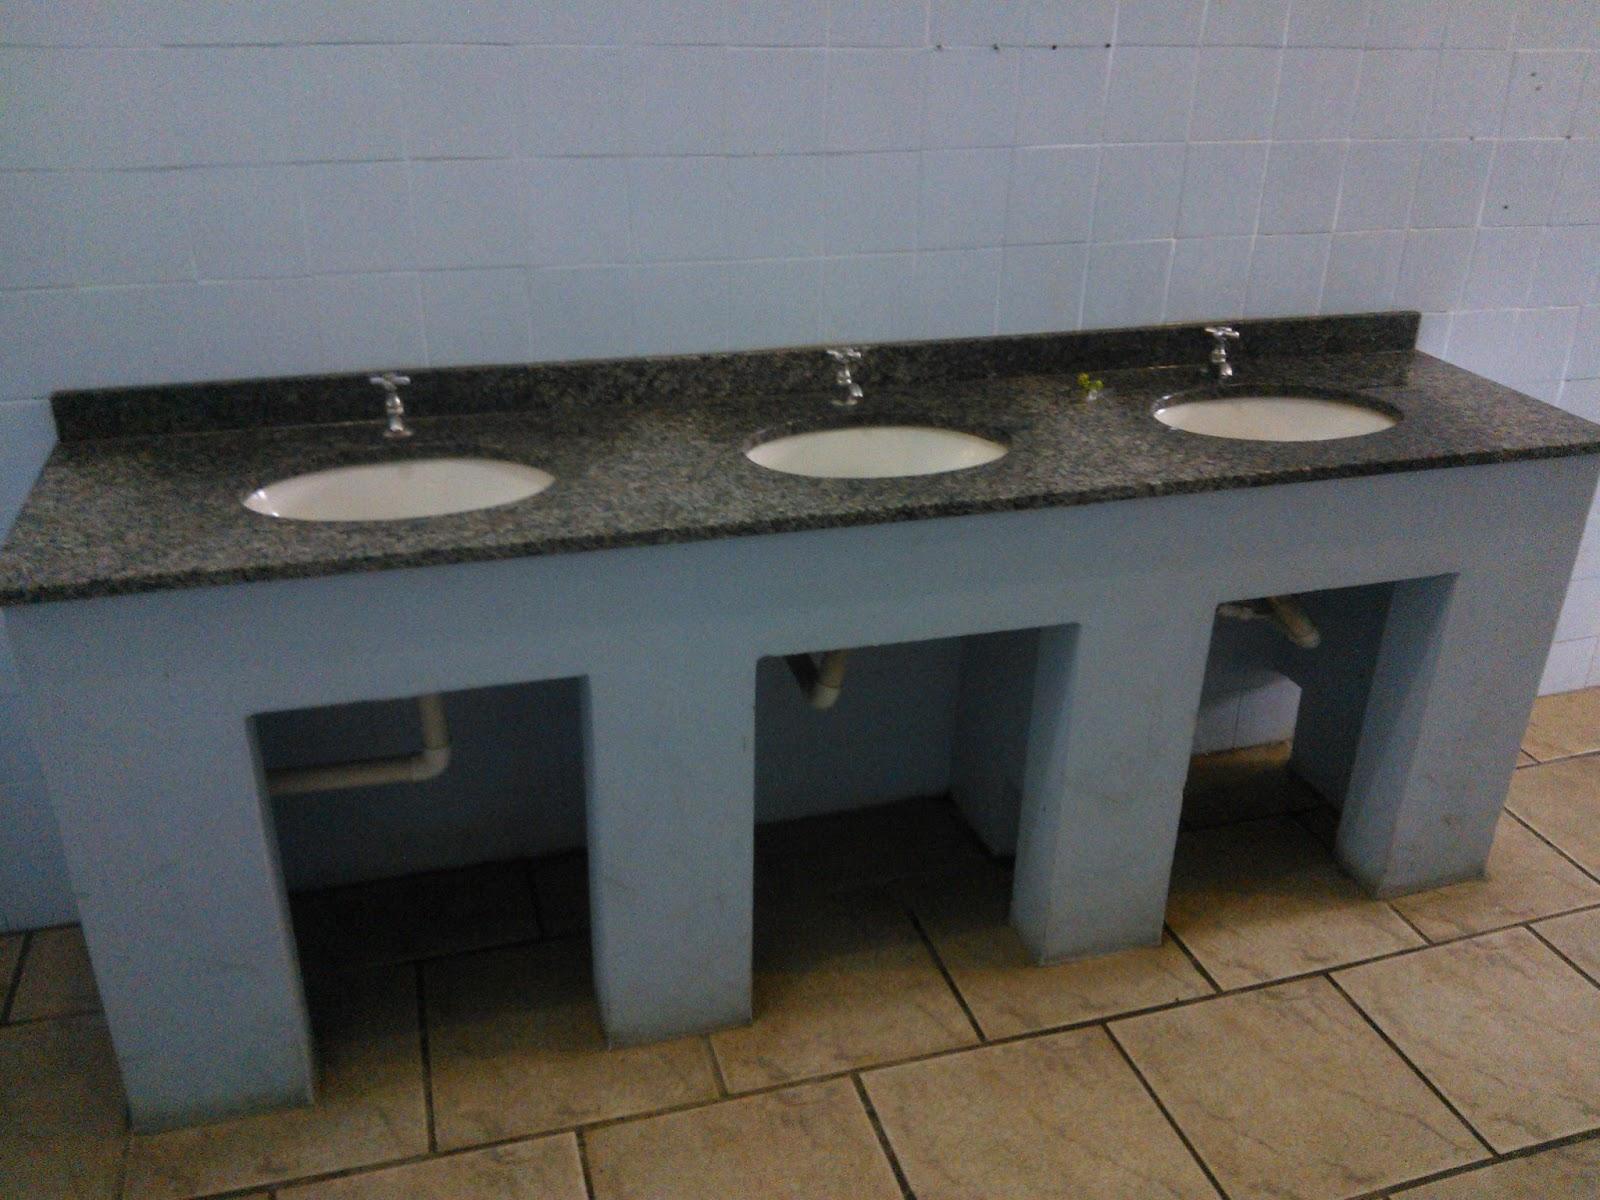 água desperdiçada na pai do banheiro masculino !!!: Fotos do Projeto #5F4E37 1600 1200